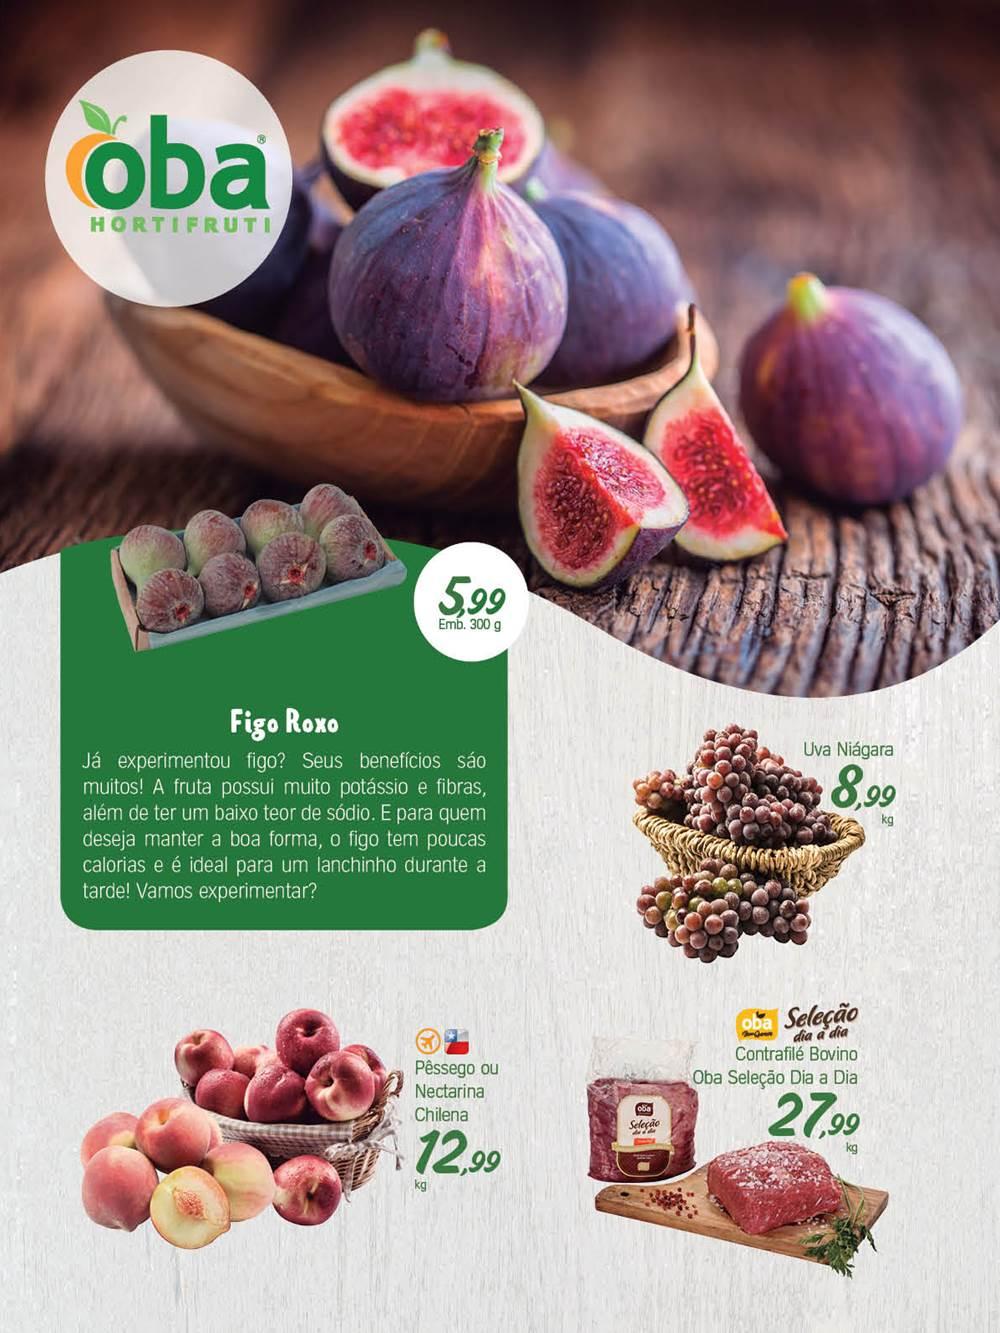 Ofertas-Oba1 Ofertas de Supermercados - Economize!